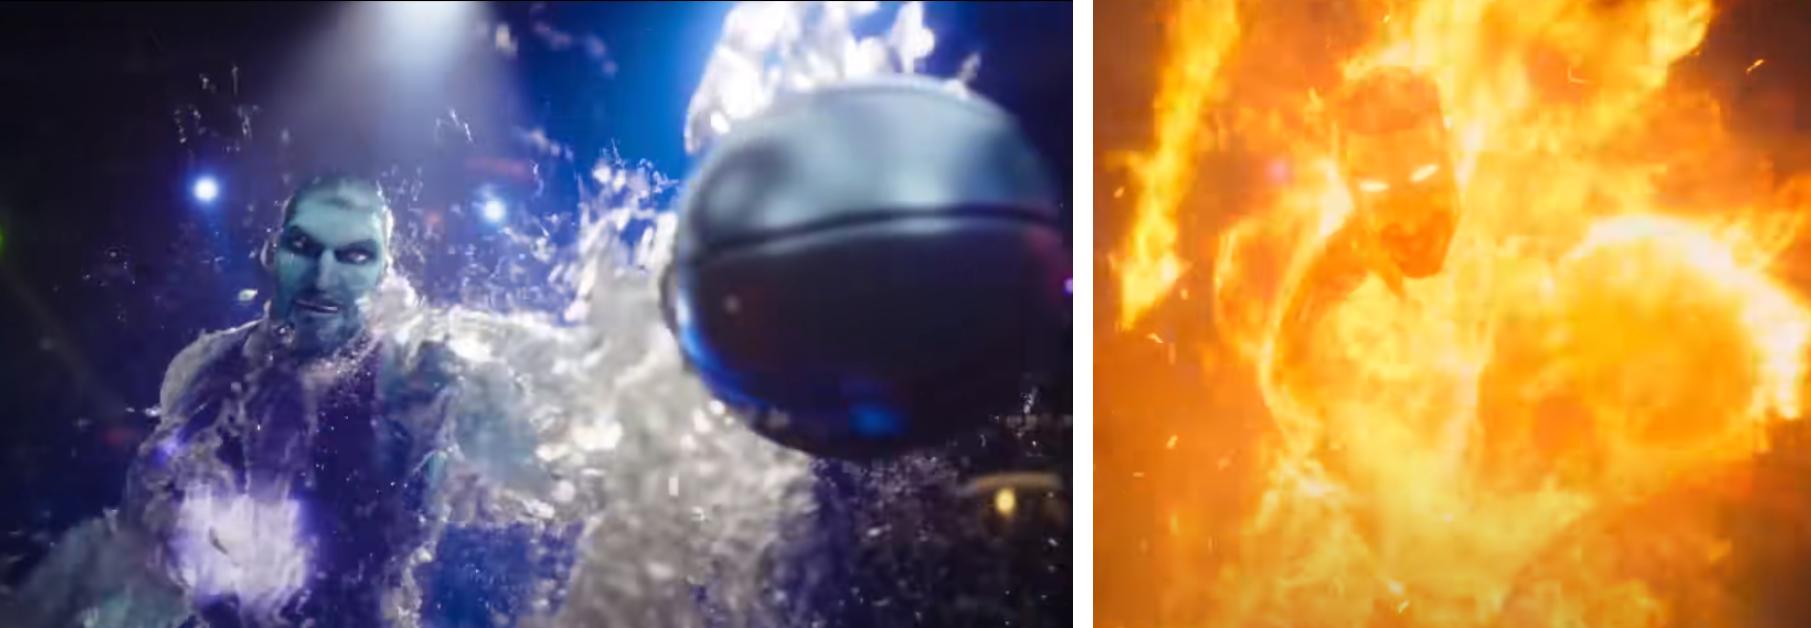 Трейлер нового «Космического джема» разделил мир. Весь фильм – отсылка на масскульт, логики нет, а монстров рисовали с Дэвиса, Лилларда и Томпсона